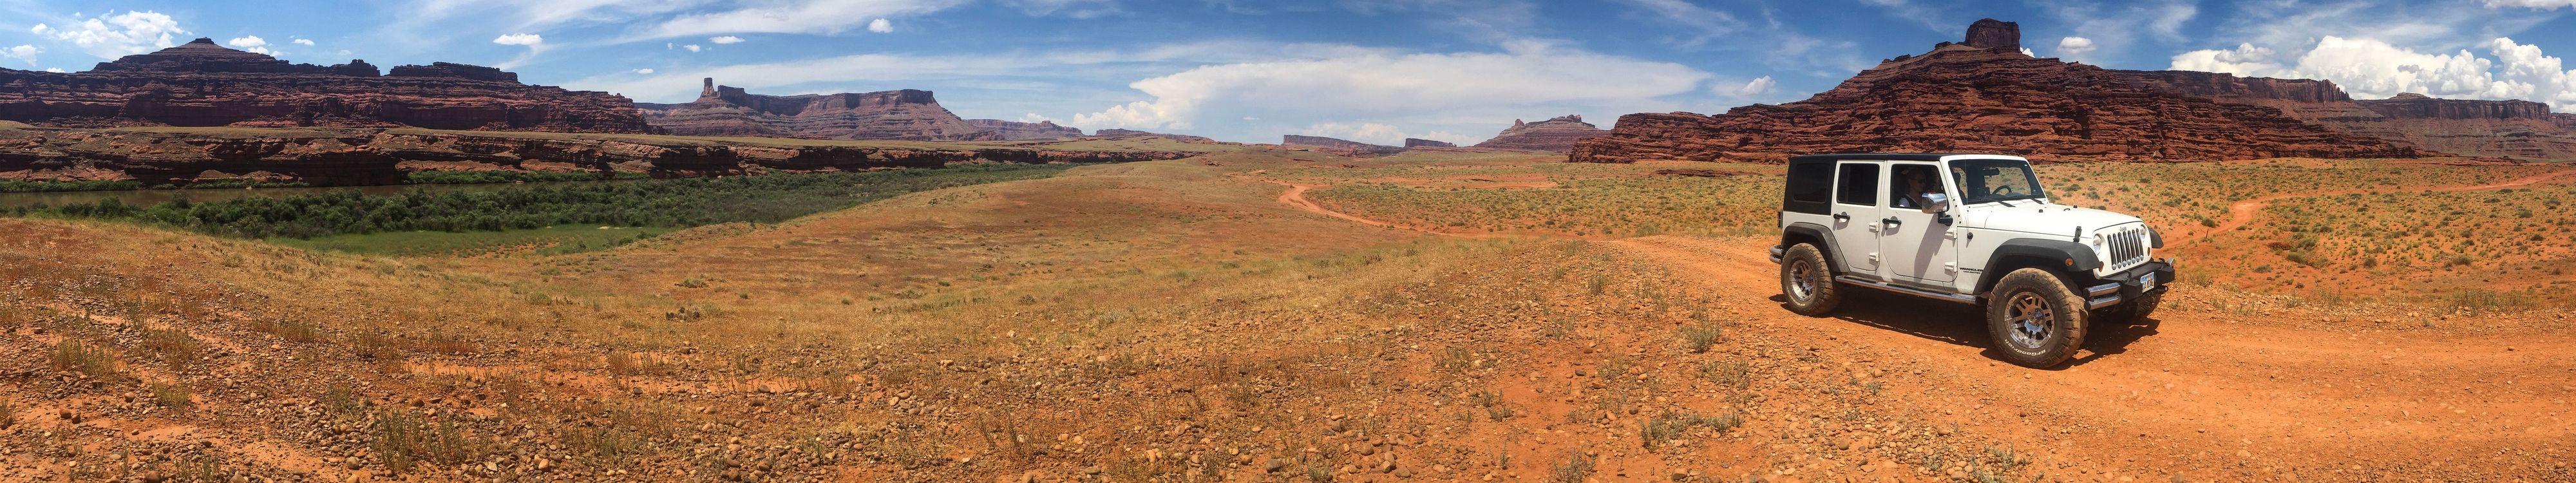 Фото бесплатно пустыня, скалы, песок - на рабочий стол